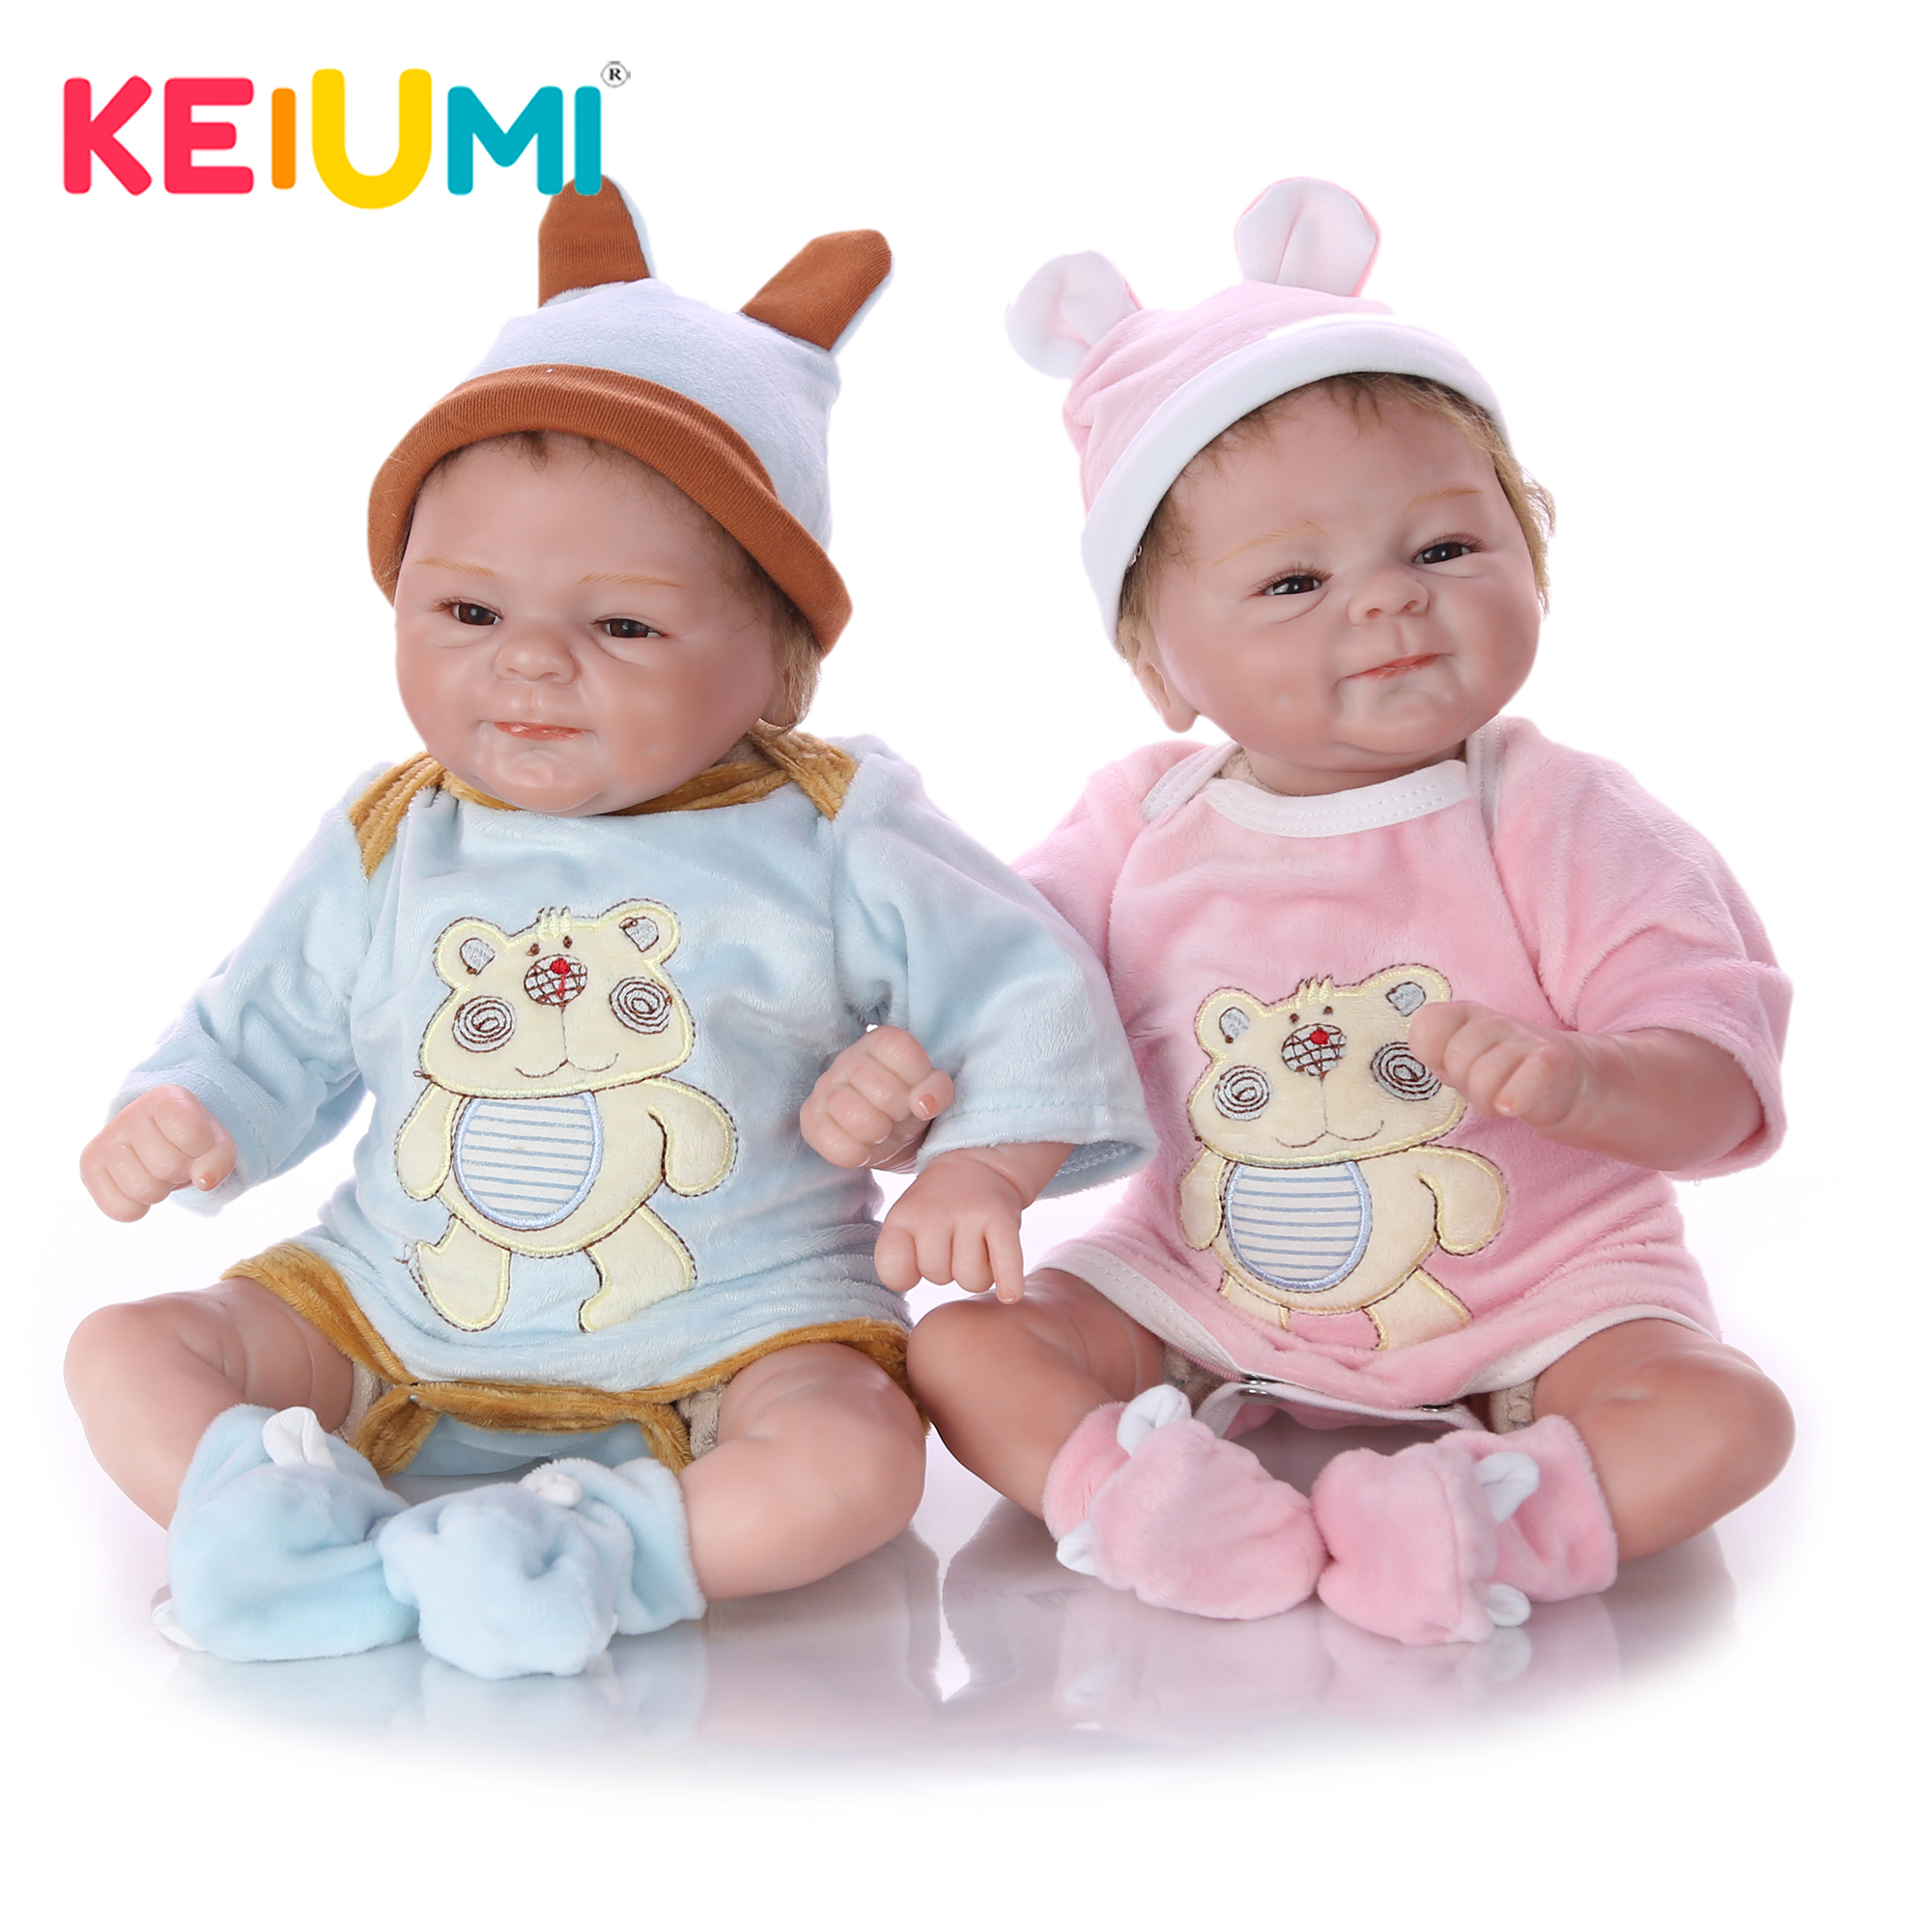 KEIUMI śliczne Twin 17 ''Cal 43 cm realistyczne Reborn Baby Doll miękkie silikonowe Reborn małe dzieci zabawki na boże narodzenie prezenty w Lalki od Zabawki i hobby na  Grupa 1